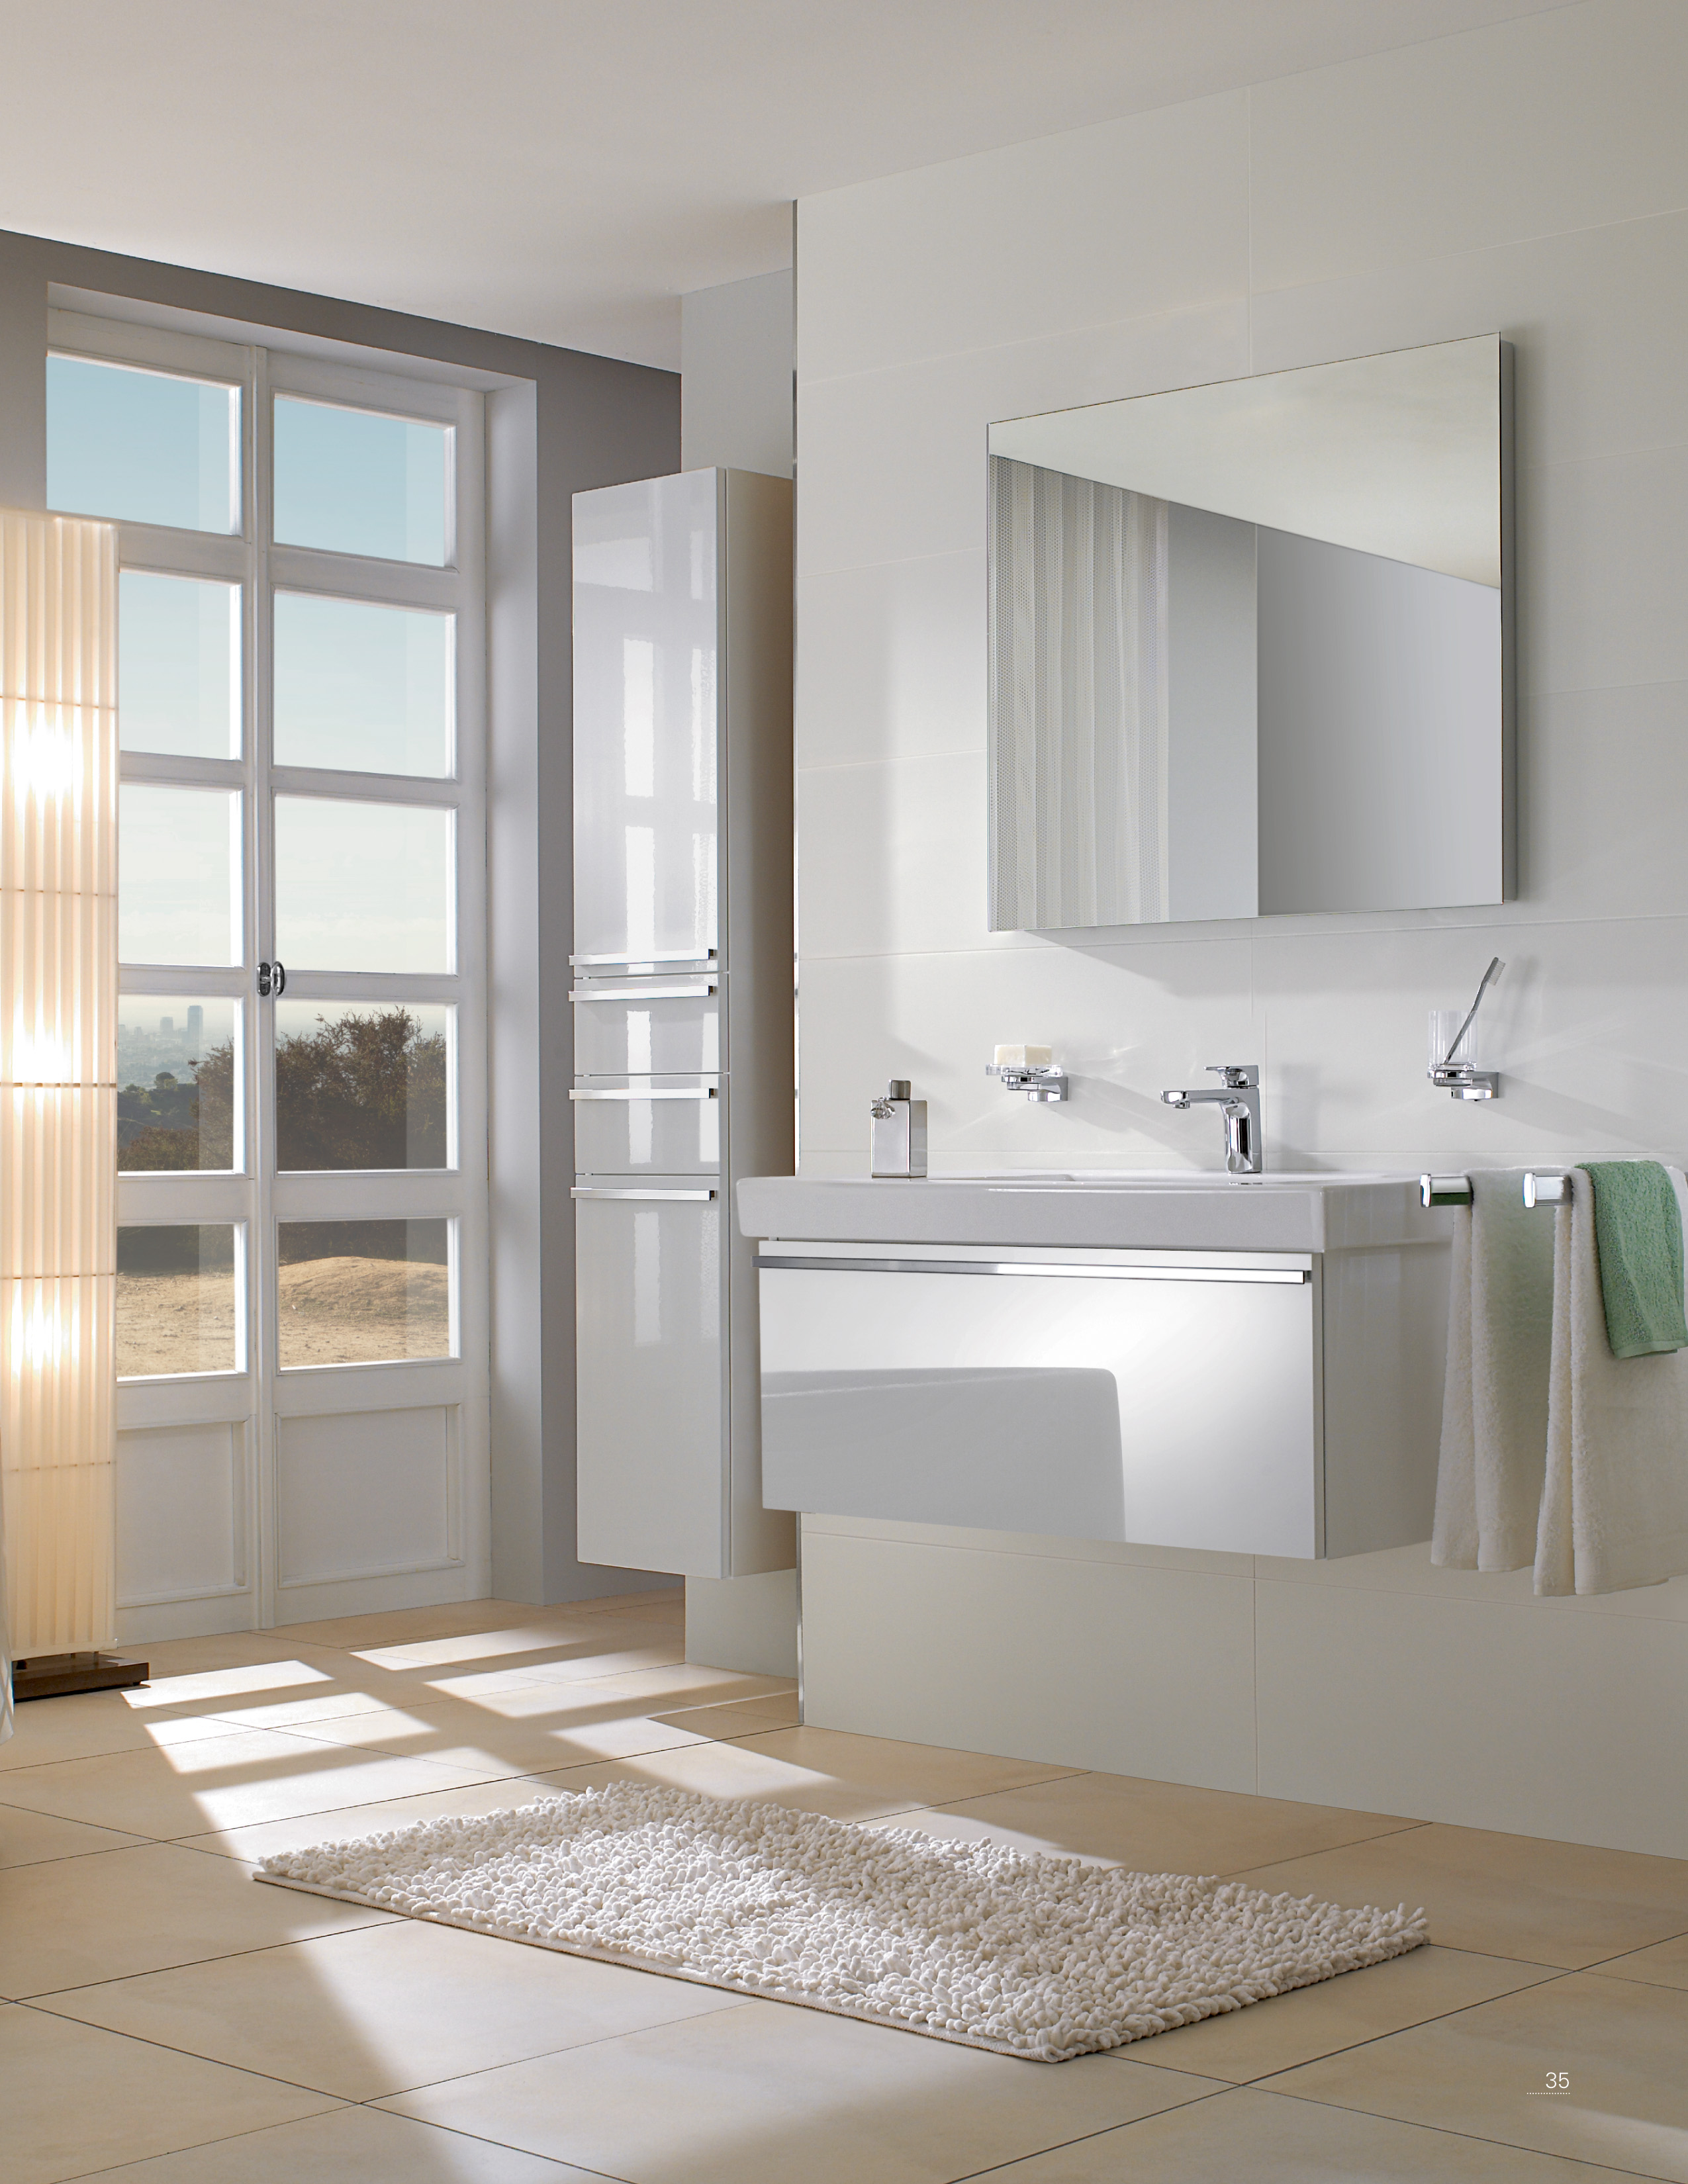 Central Line Bathroom furniture, Vanity unit for washbasin, Vanity units